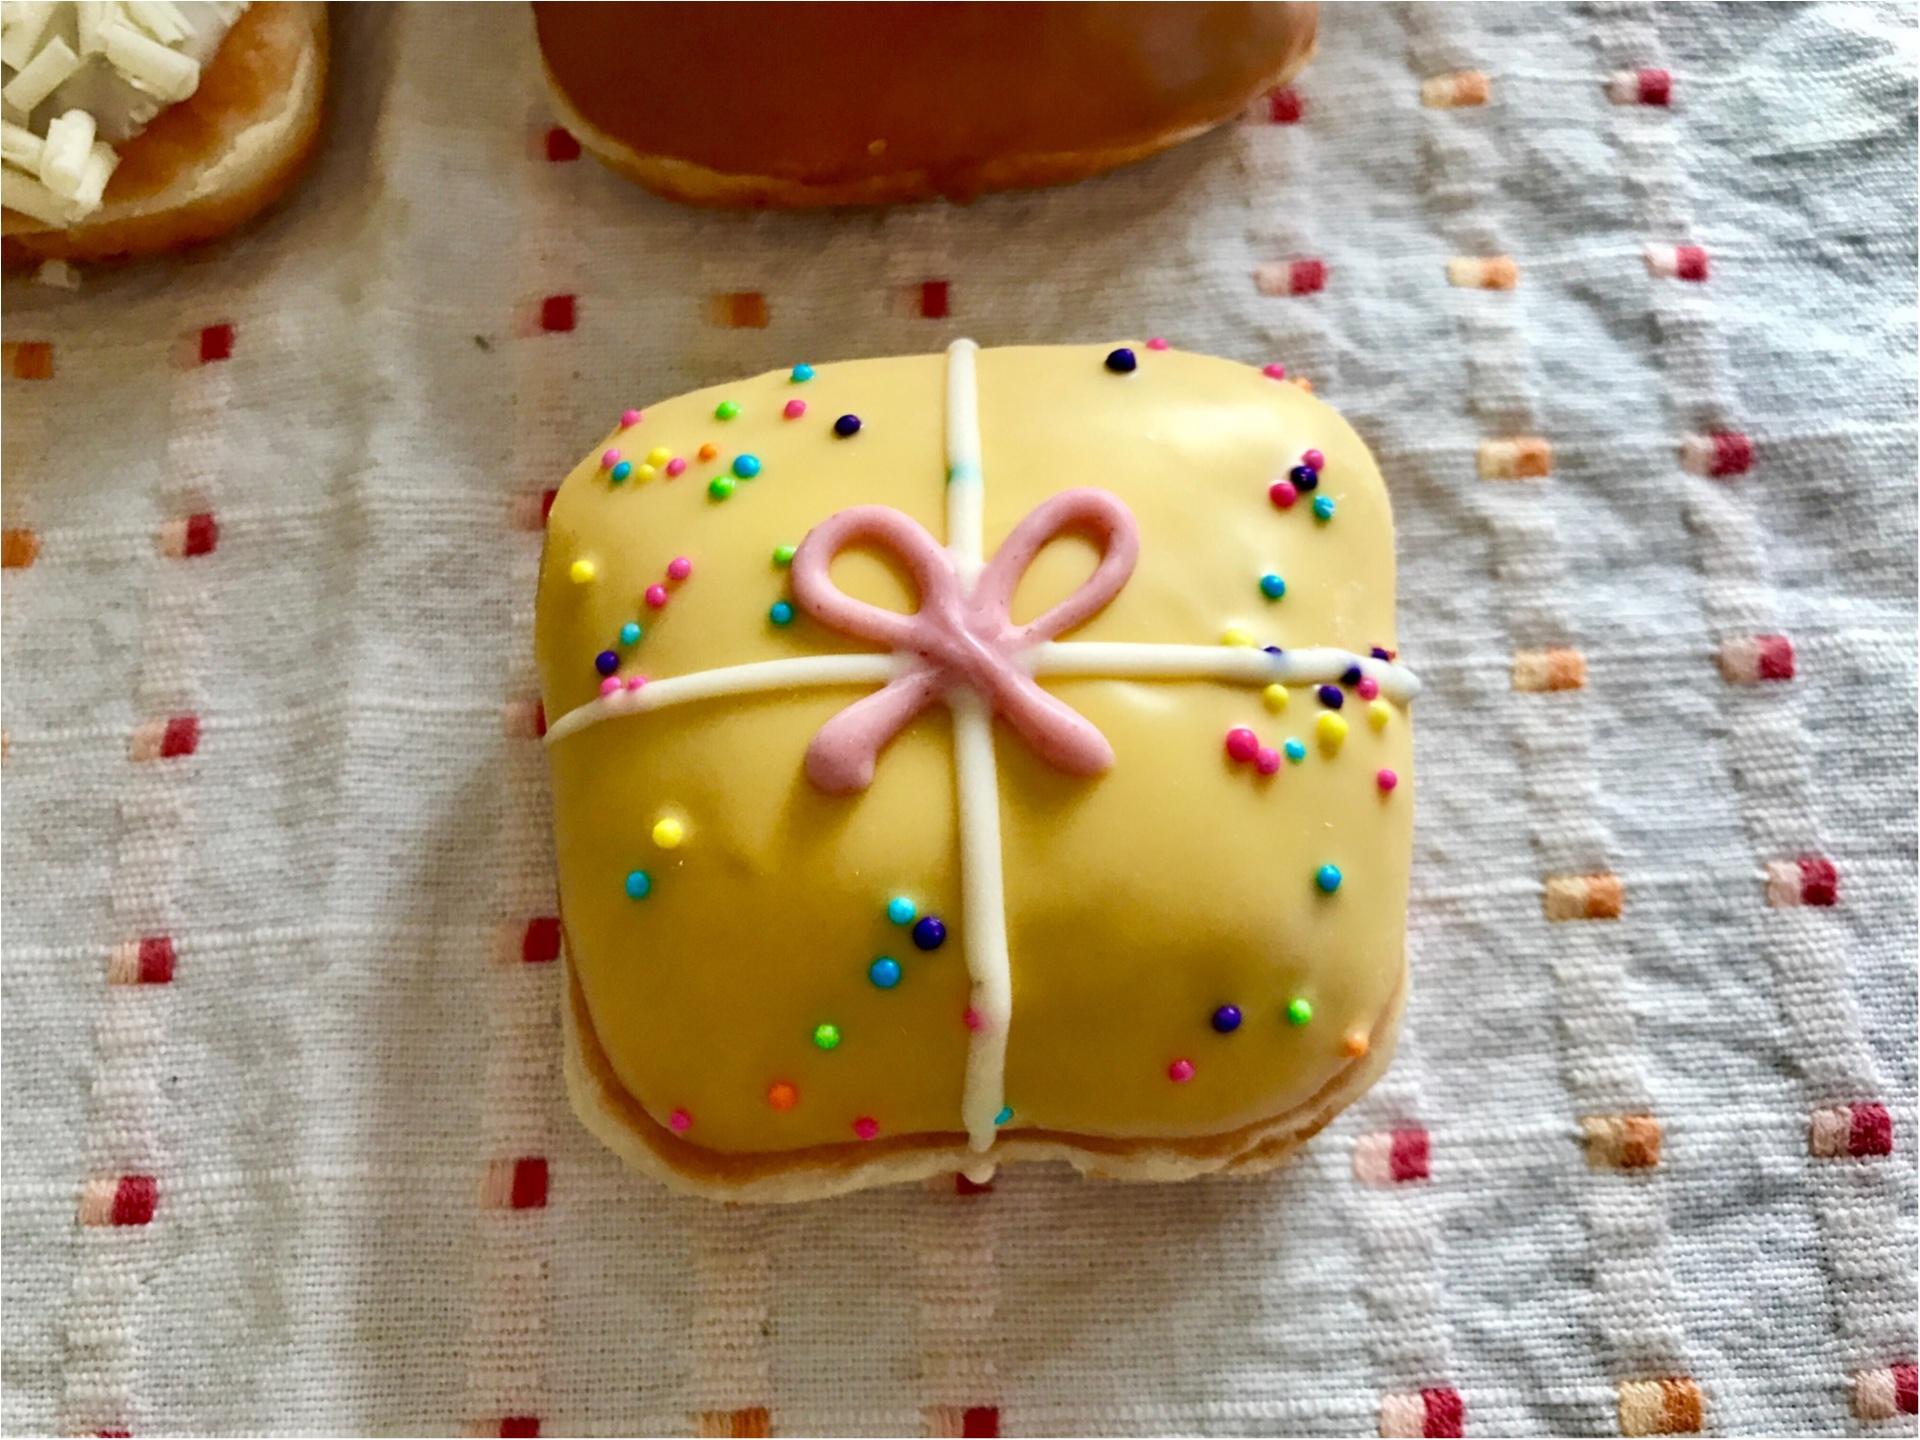 【クリスピークリームドーナツ】クリスマス限定ドーナツが可愛すぎると絶賛の嵐♡_5